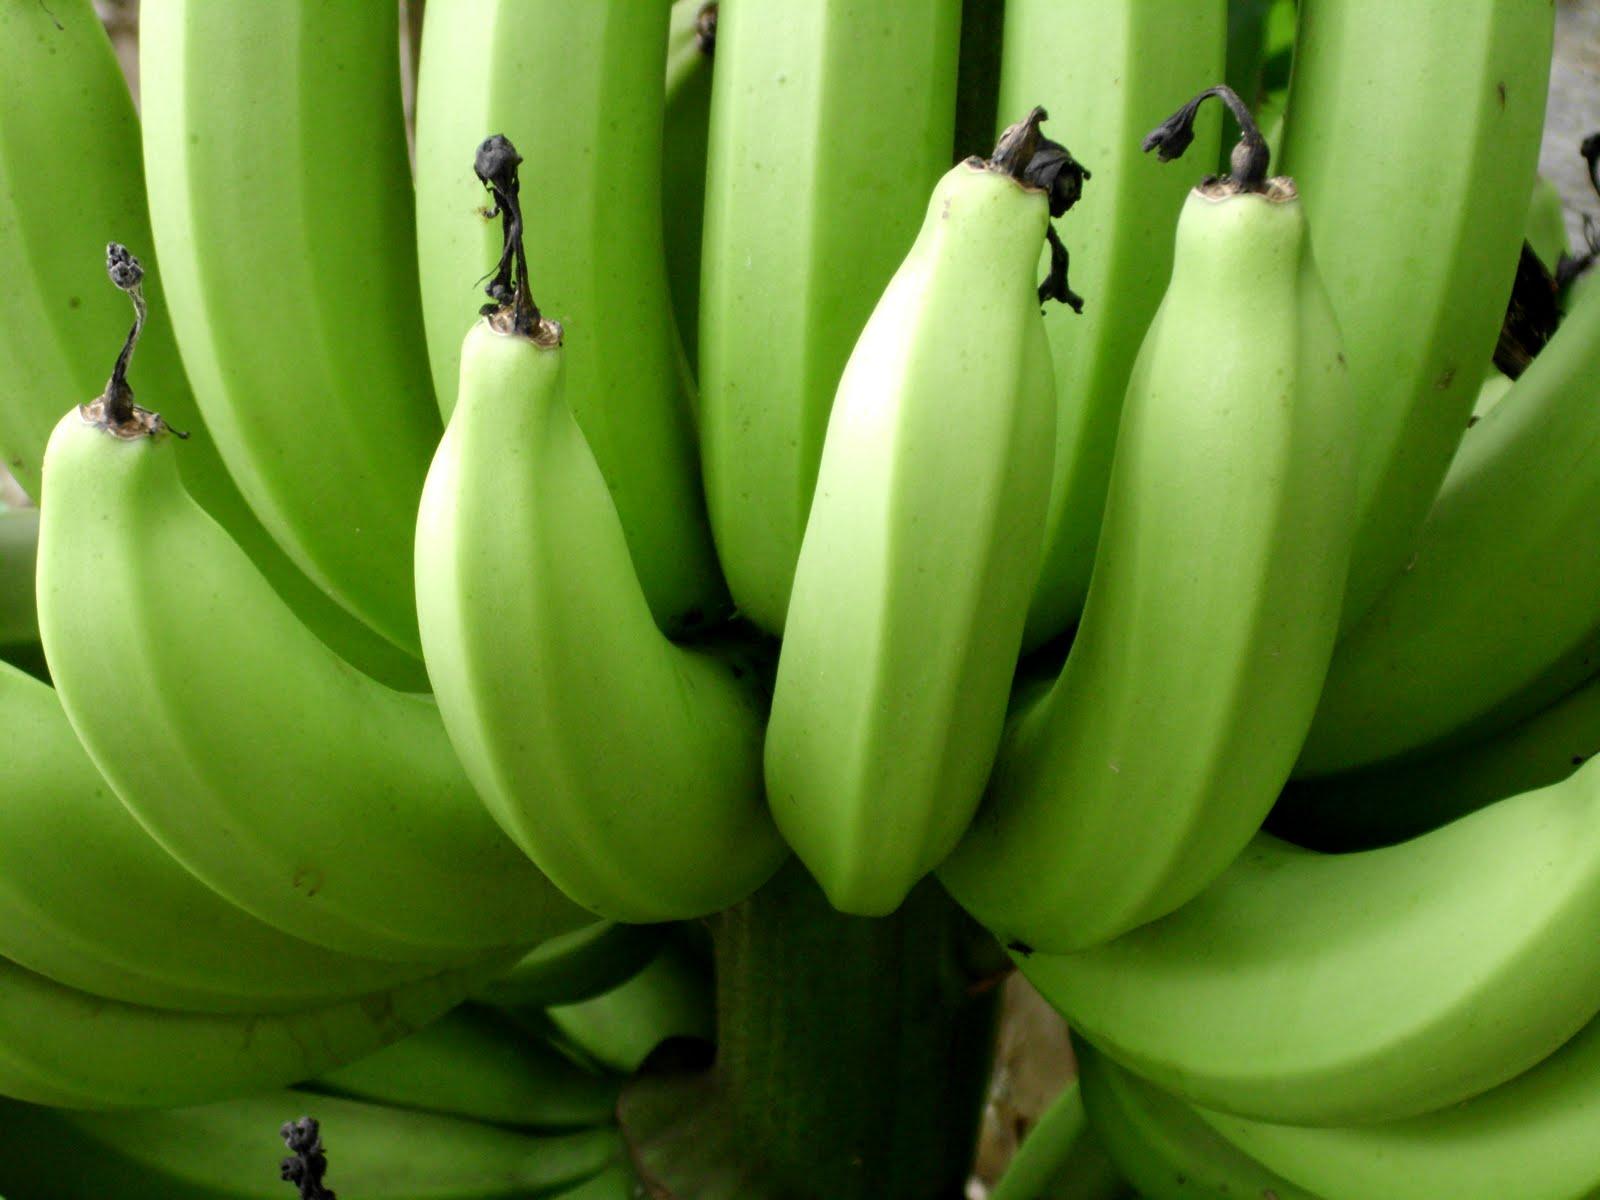 Banana (Musa spp.)